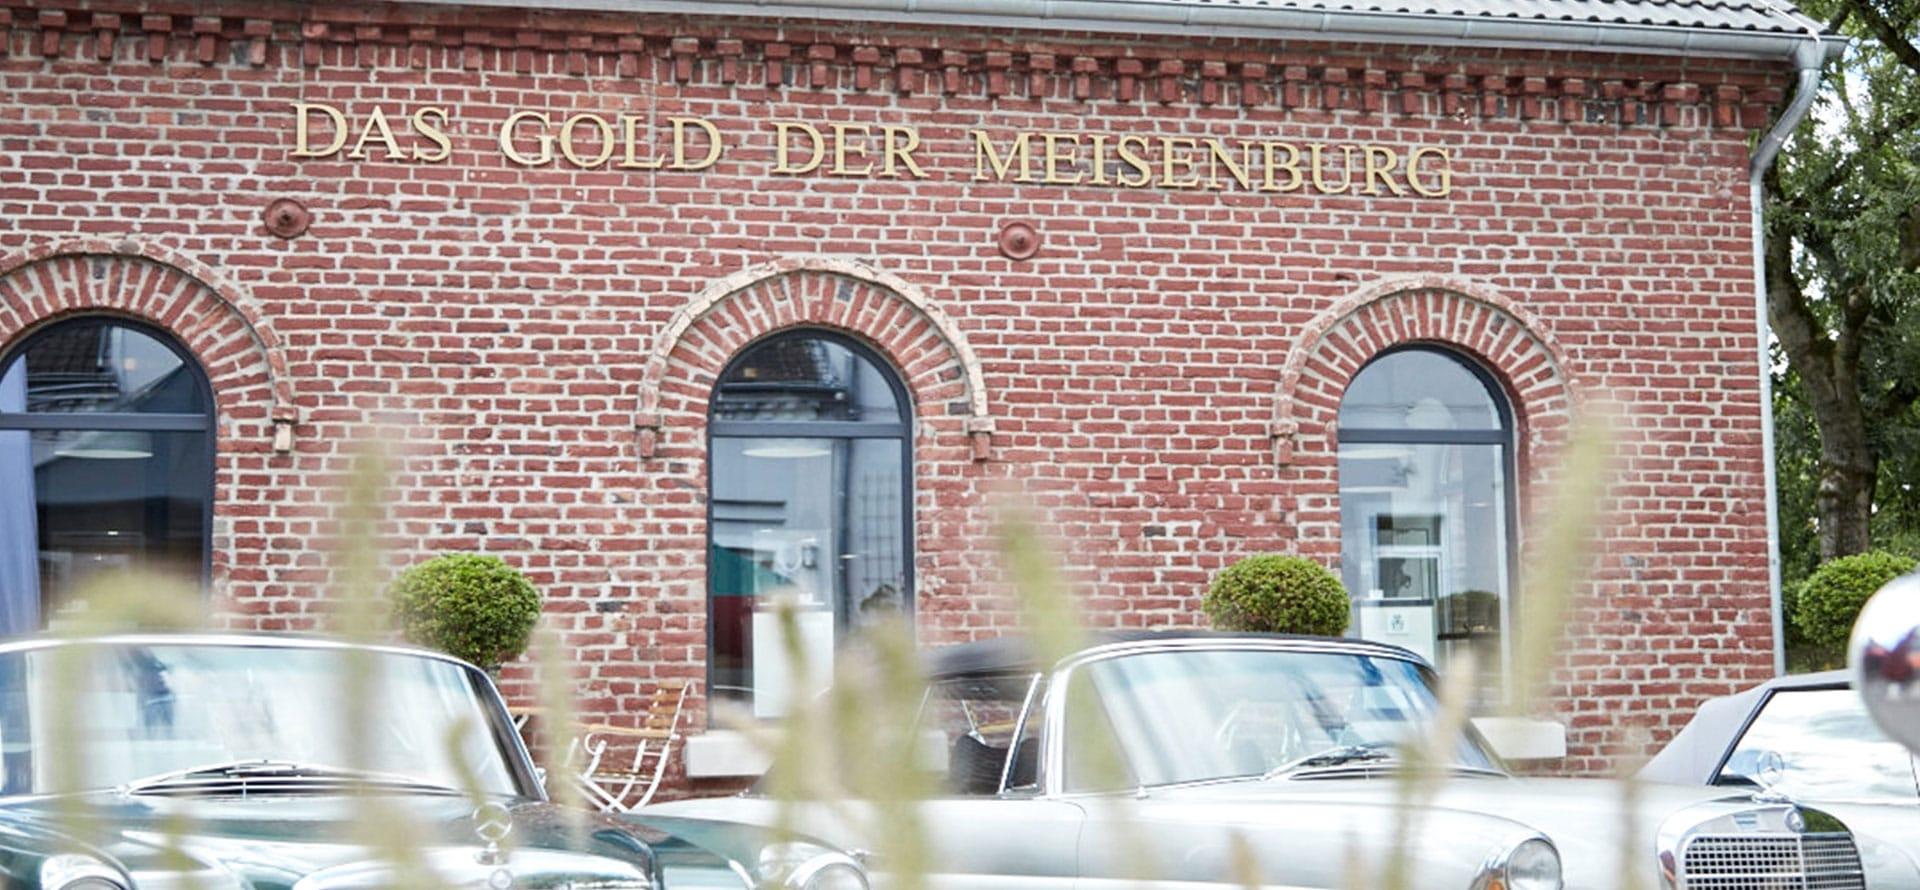 Die Veranstaltungen sind die Goldmomente der Meisenburg